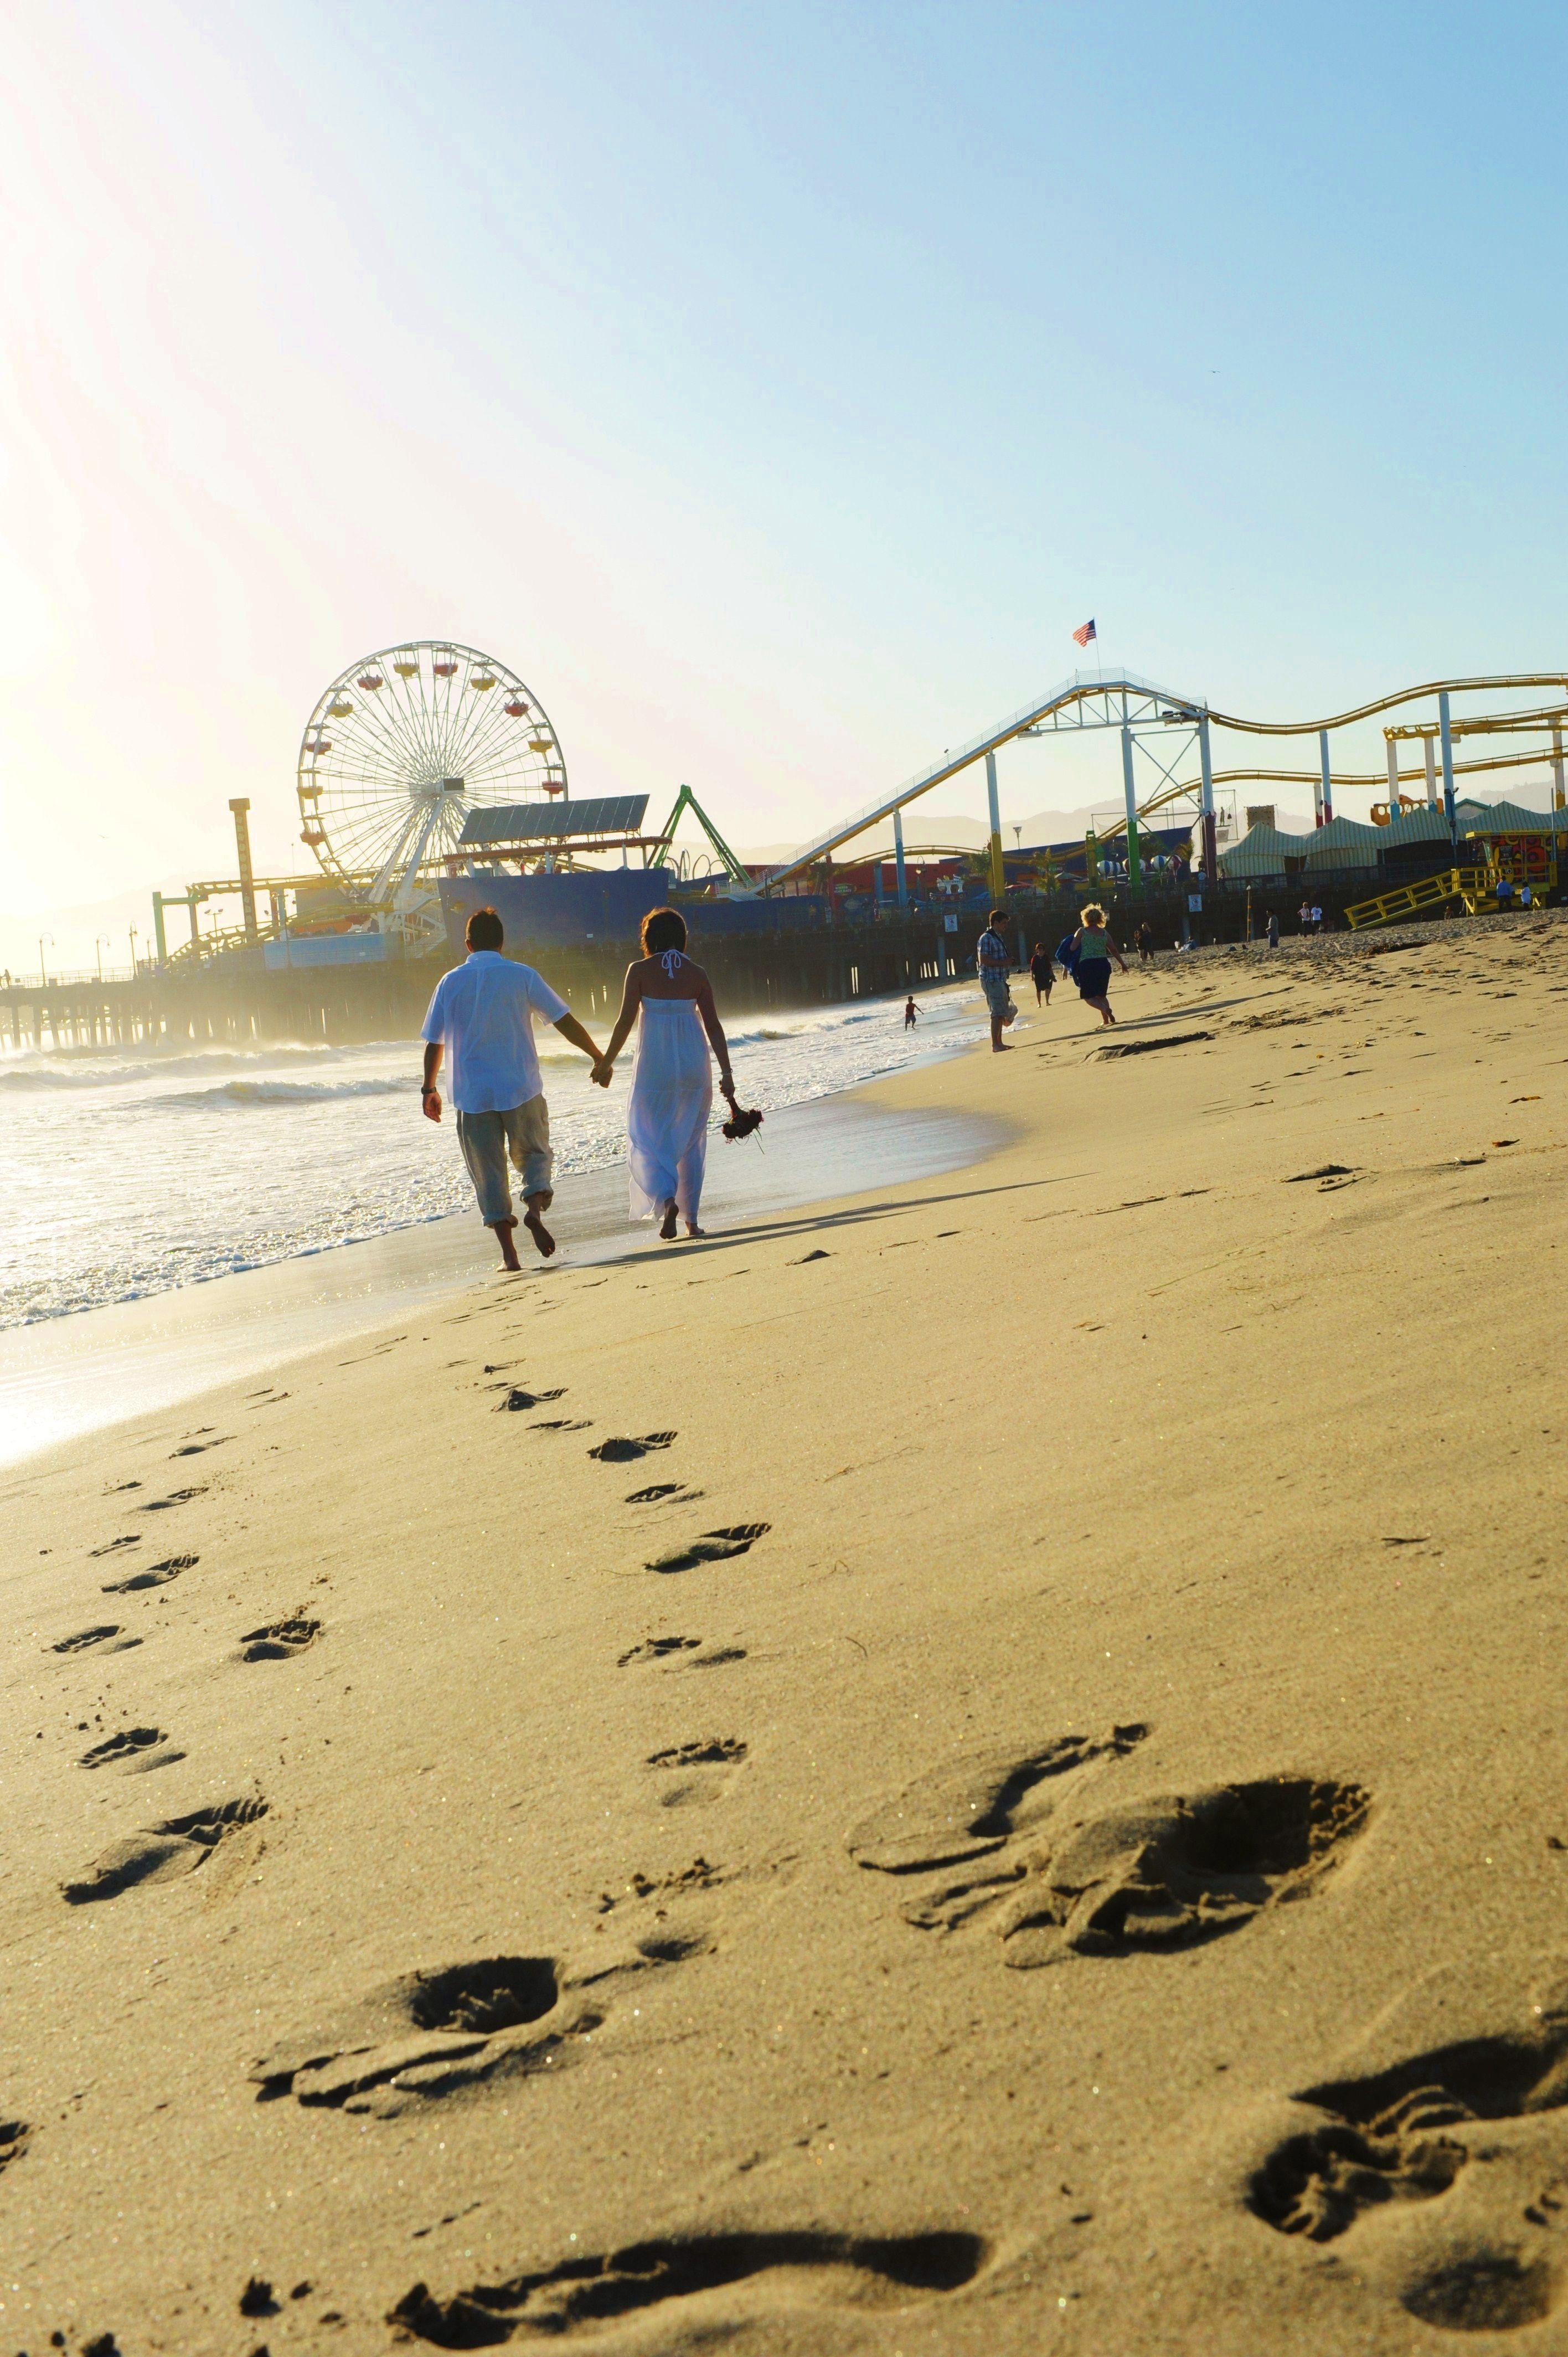 Elopement On Santa Monica Beach Near The Santa Monica Beach Pier Los Angeles Beach Weddi Los Angeles Beach Wedding Santa Monica Beach Pier Los Angeles Beaches